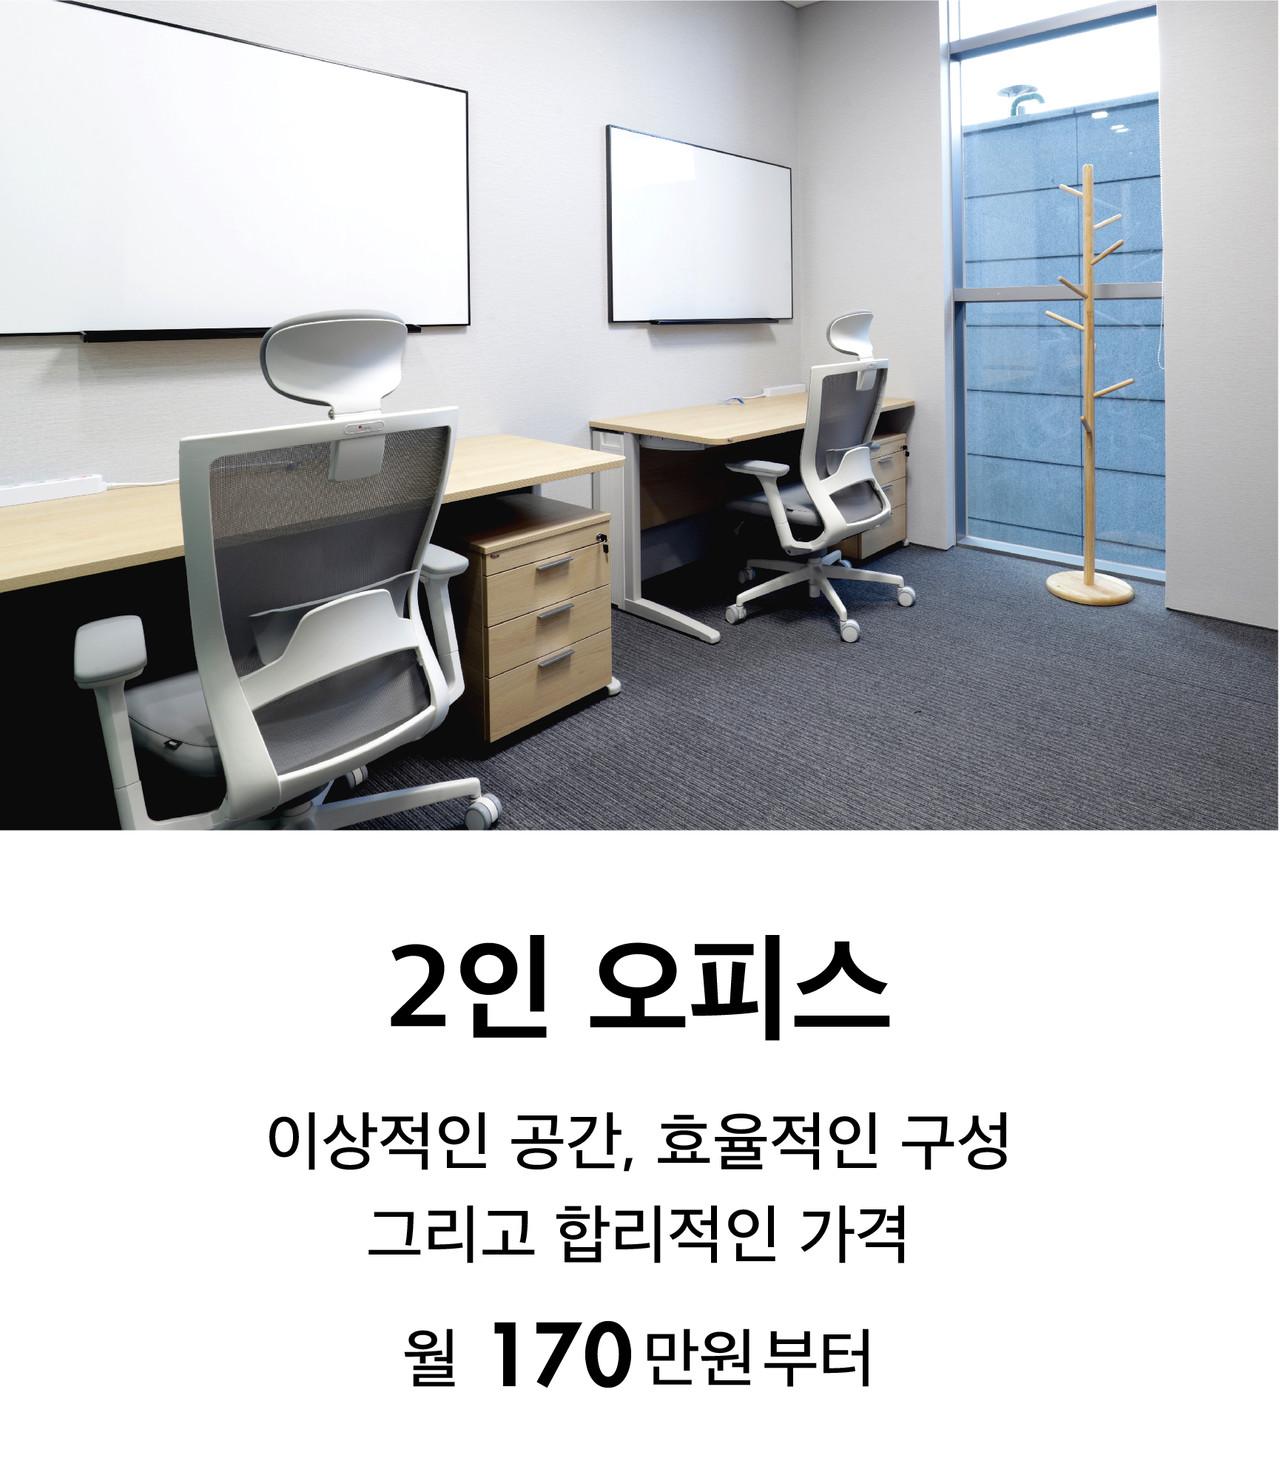 넥스트데이 멤버십 - 2인오피스